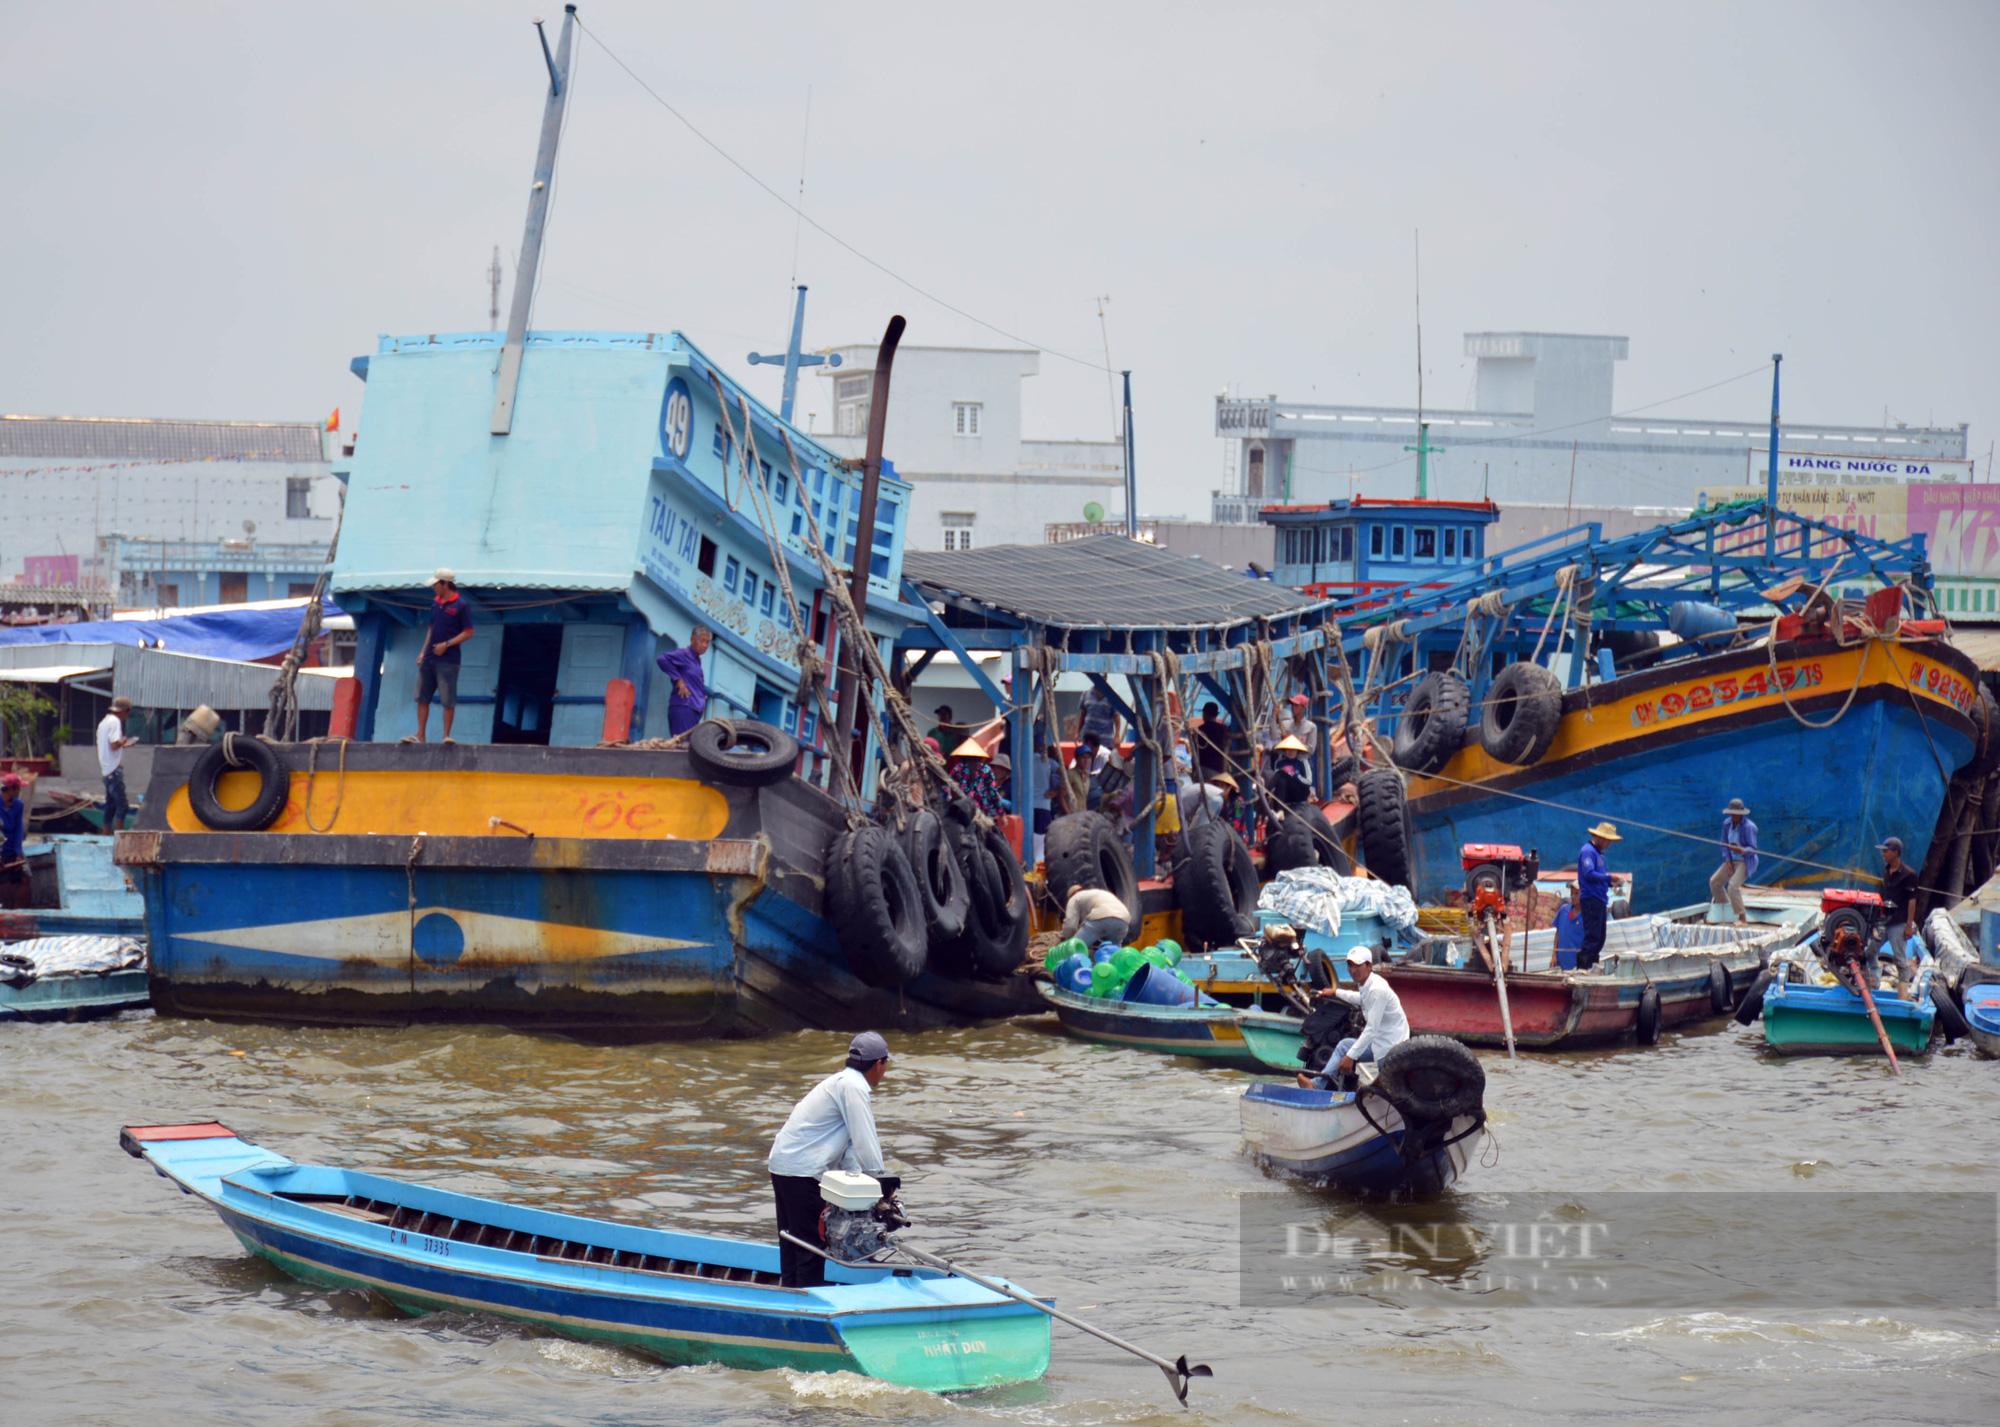 Cà Mau khai thác tốt lợi thế để phát triển kinh tế biển - Ảnh 2.